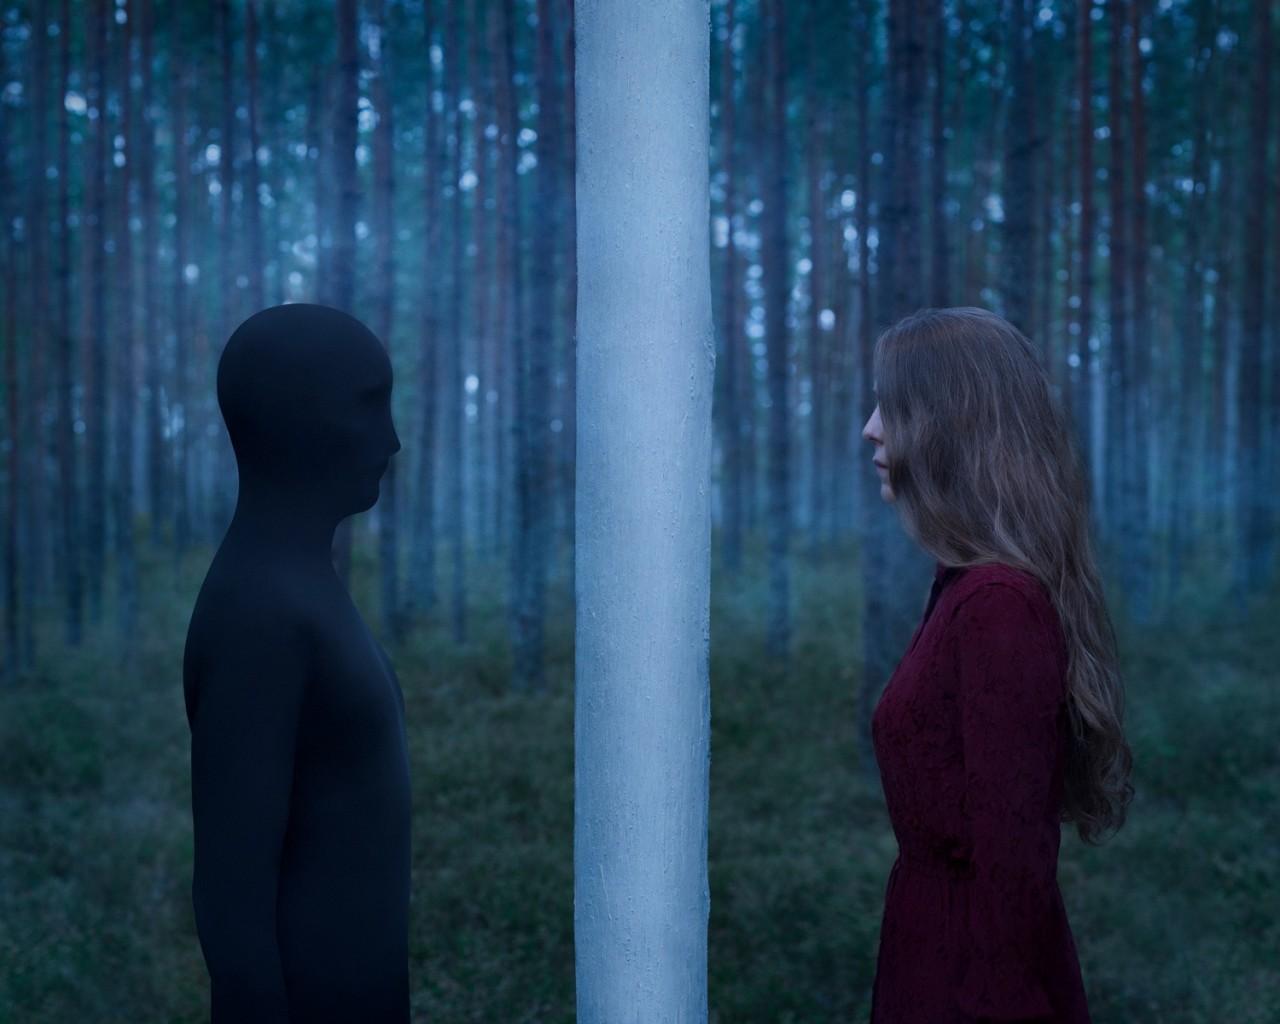 «Девушка и Тень (прелюдия)». Автор Габриэль Исак